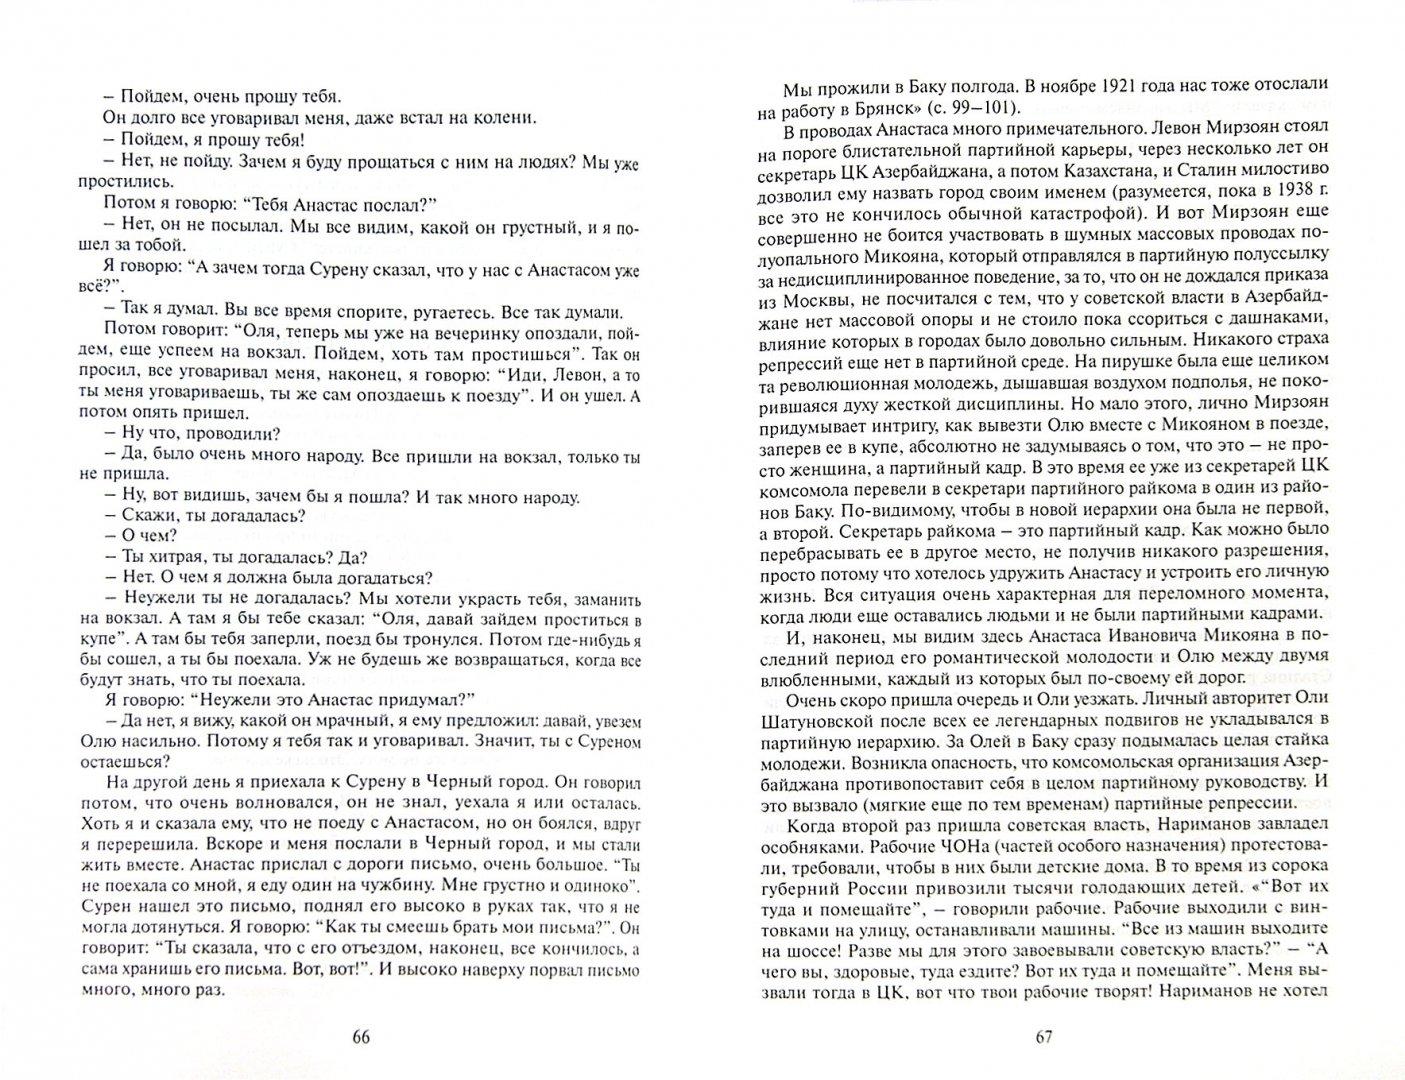 Иллюстрация 1 из 6 для Следствие ведет каторжанка - Григорий Померанц   Лабиринт - книги. Источник: Лабиринт